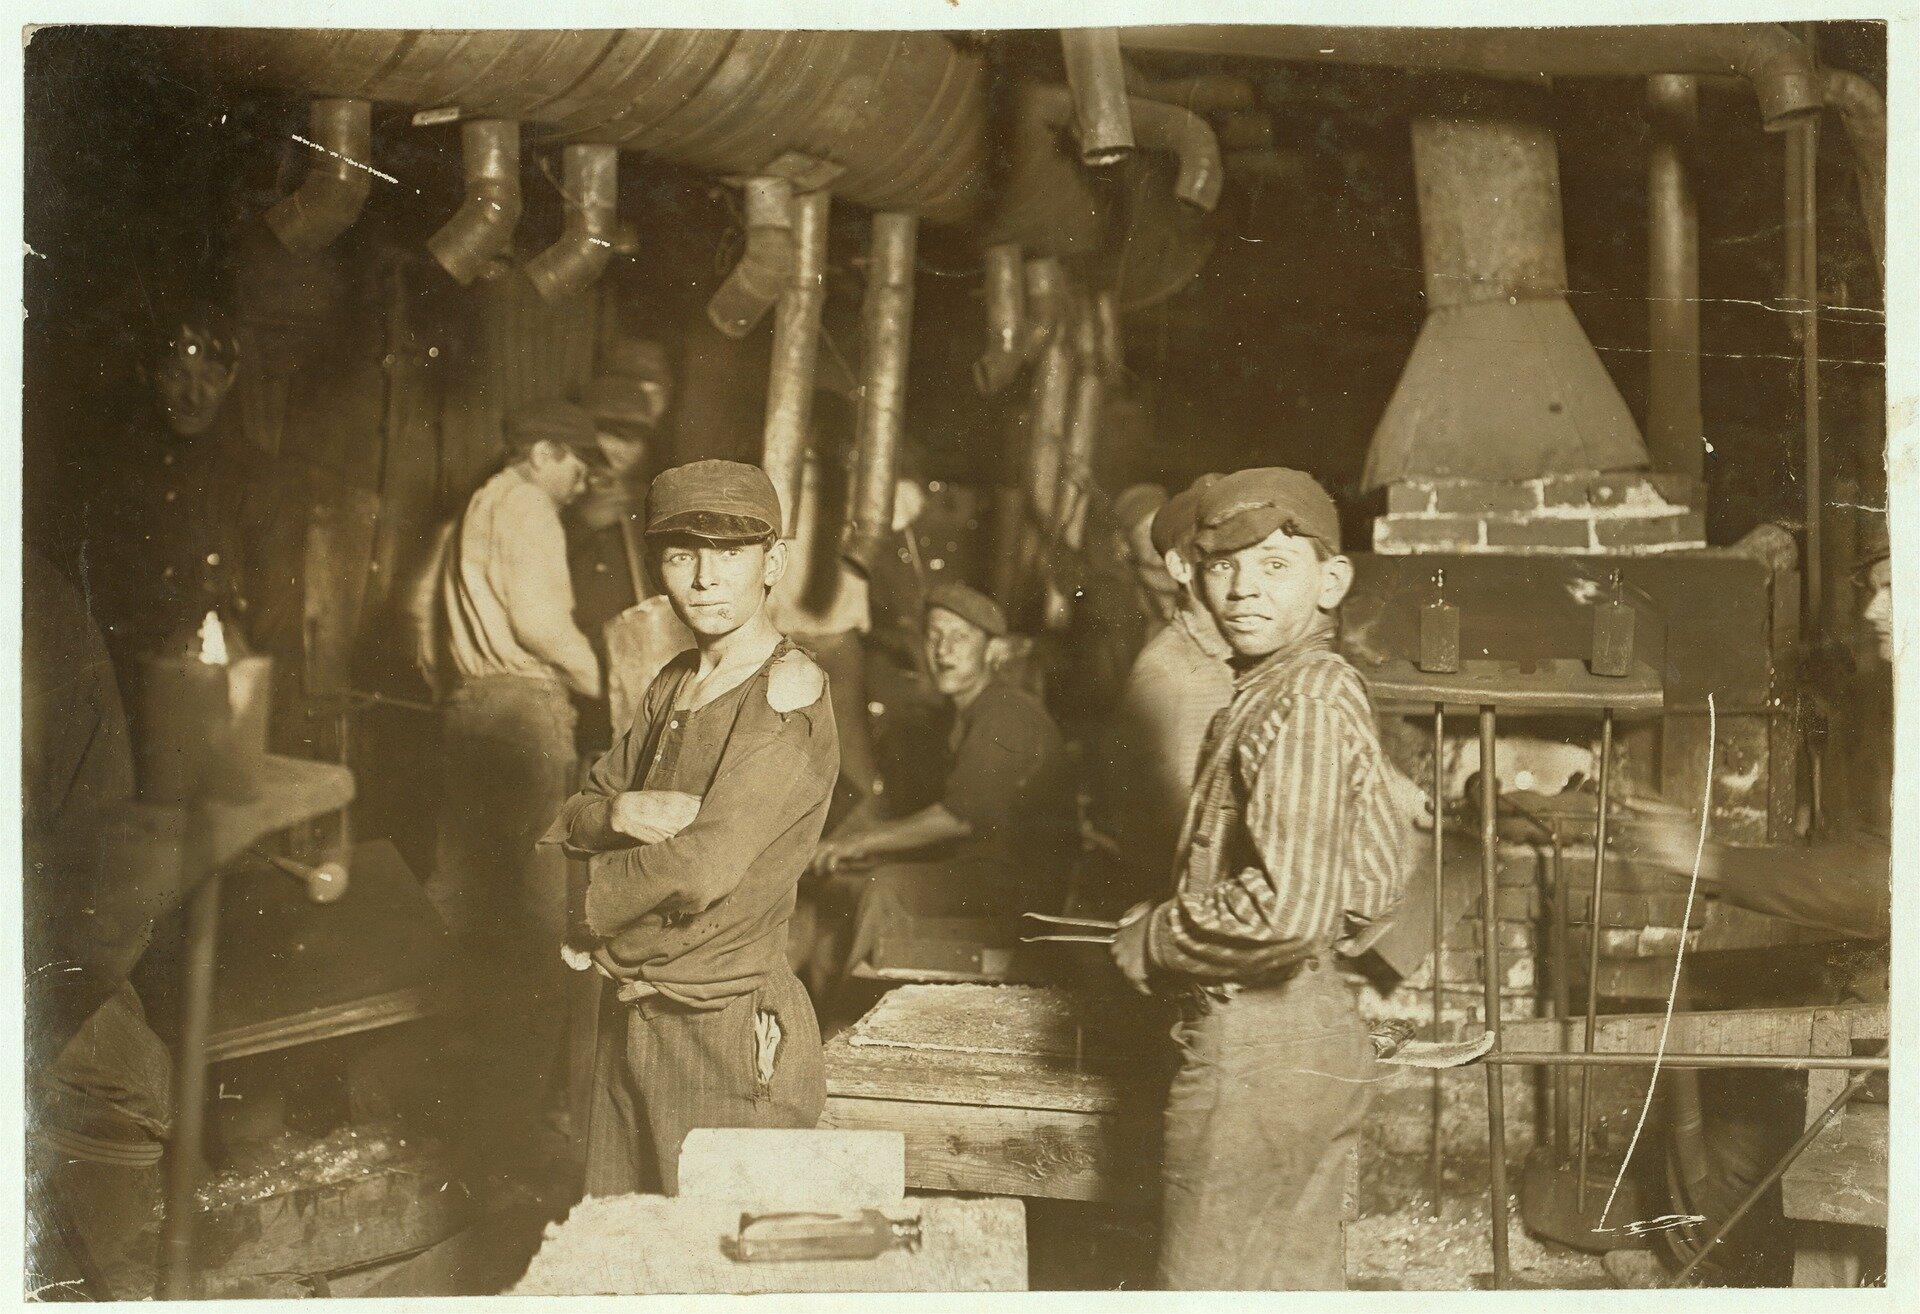 archiwalne zdjęcie przedstawia halę zmaszynami, whali znajdują się dzieci wpodartych izniszczonychstrojach, znarzędziami wrękach